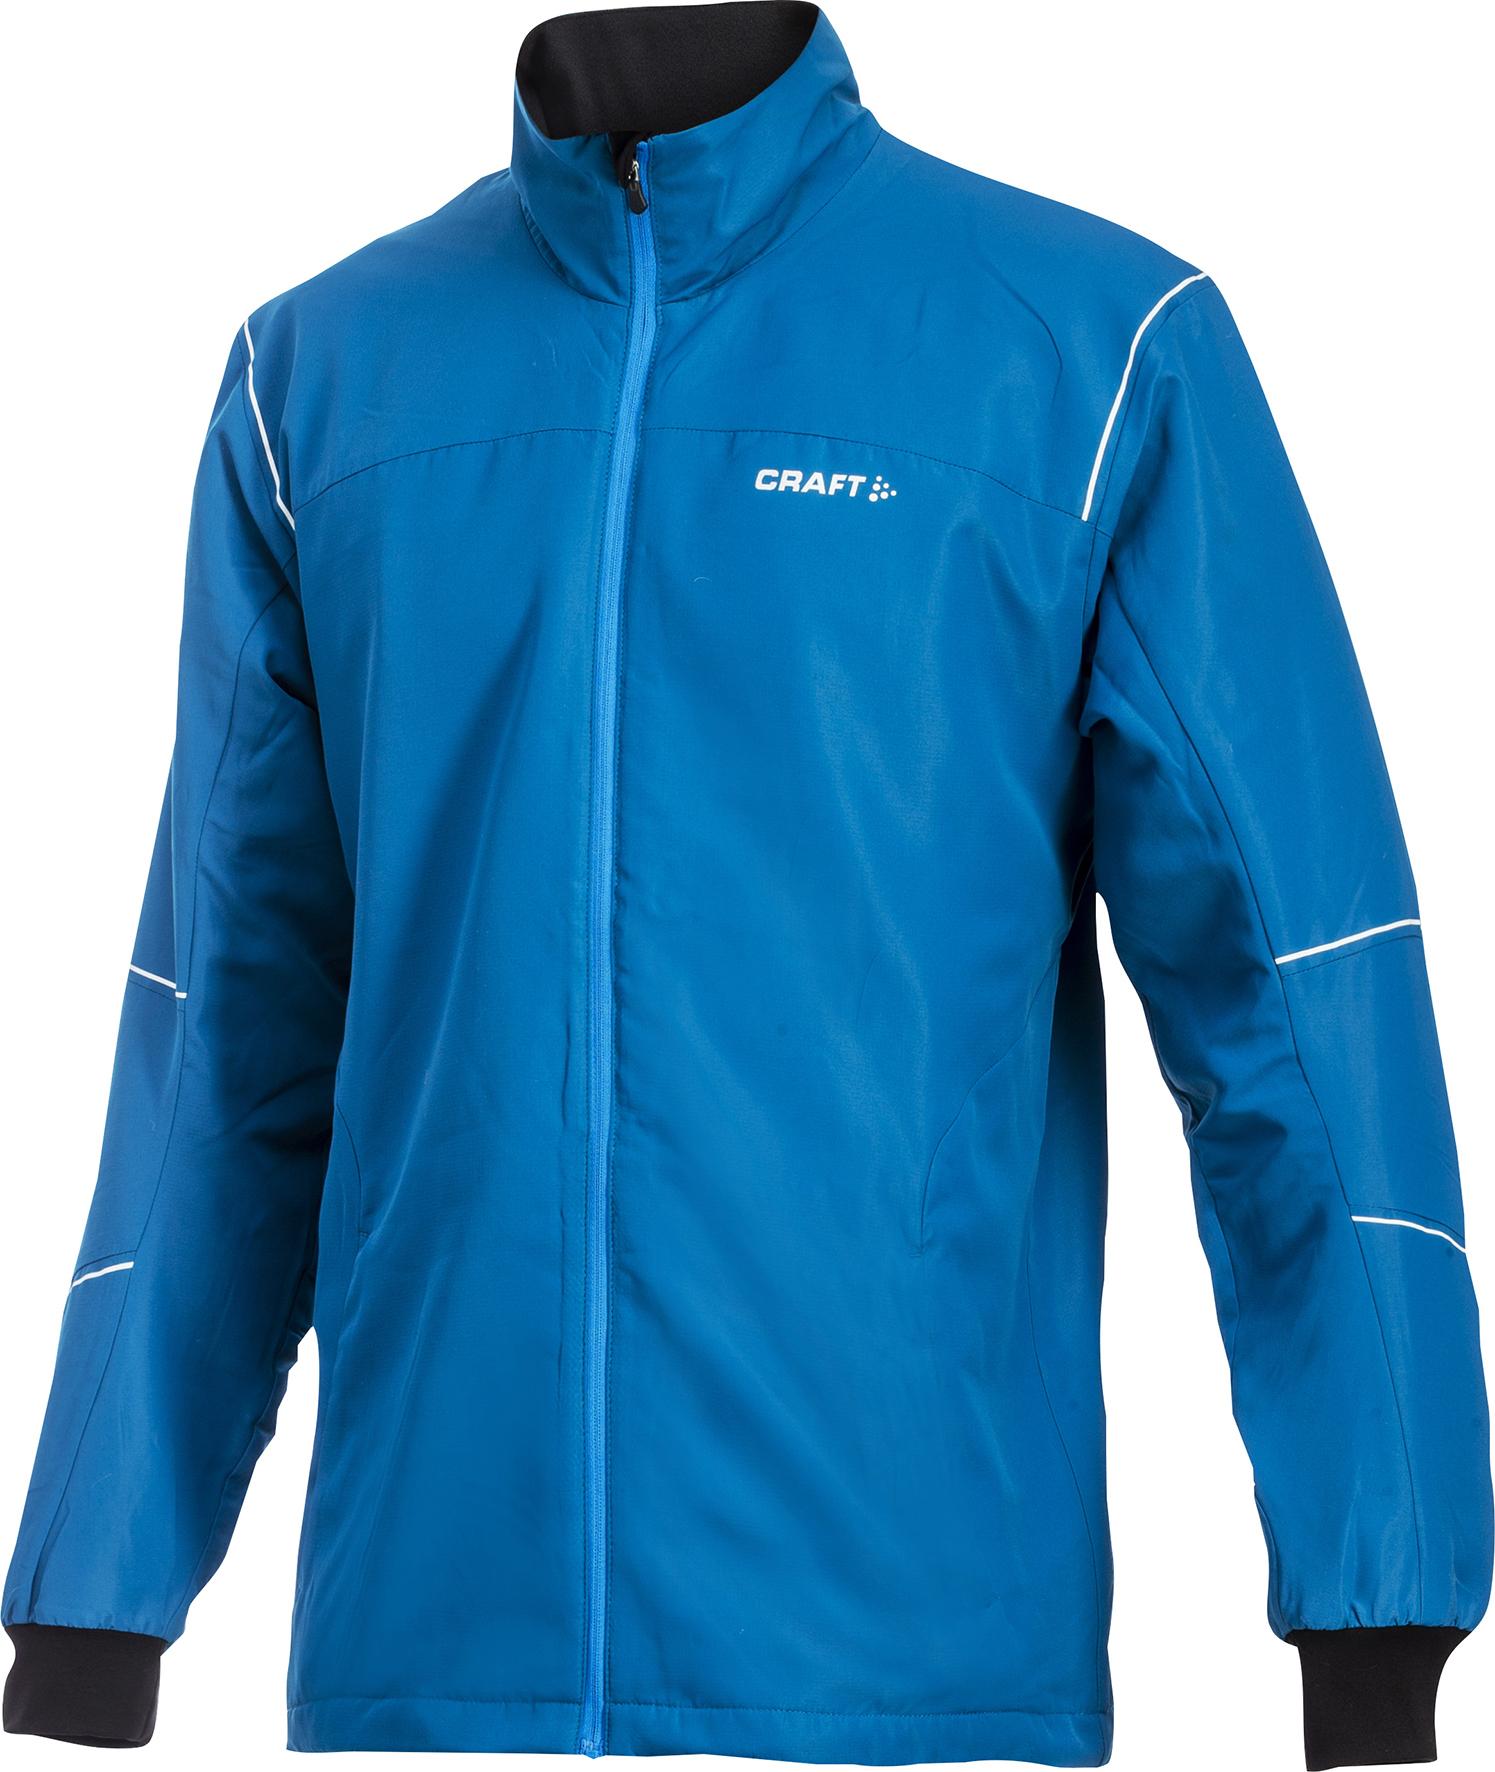 Мужская лыжная куртка крафт AXC Touring (1902833-2350)